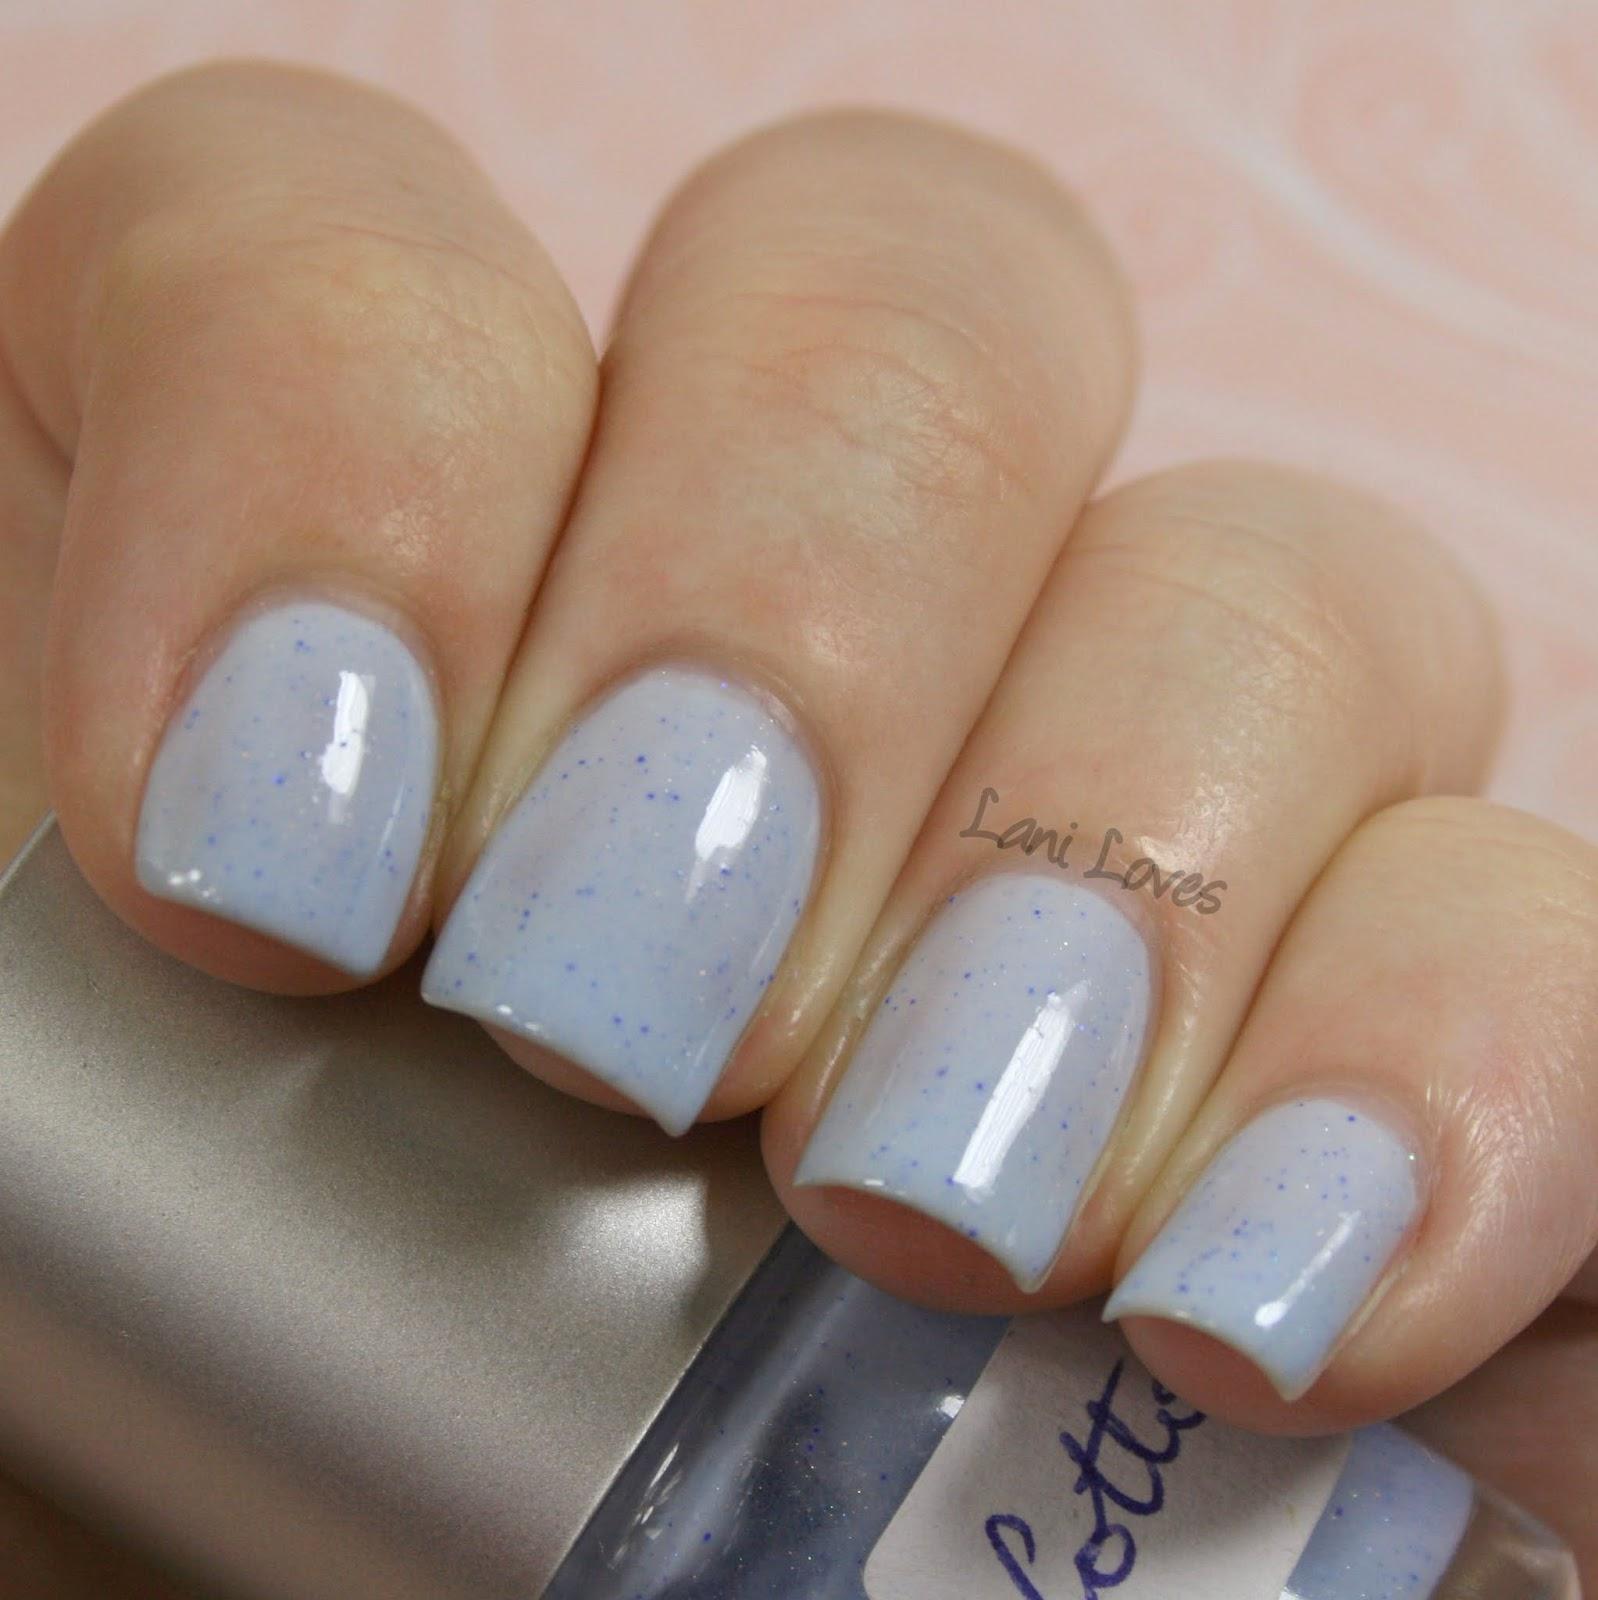 Star Kin Cotton nail polish swatch